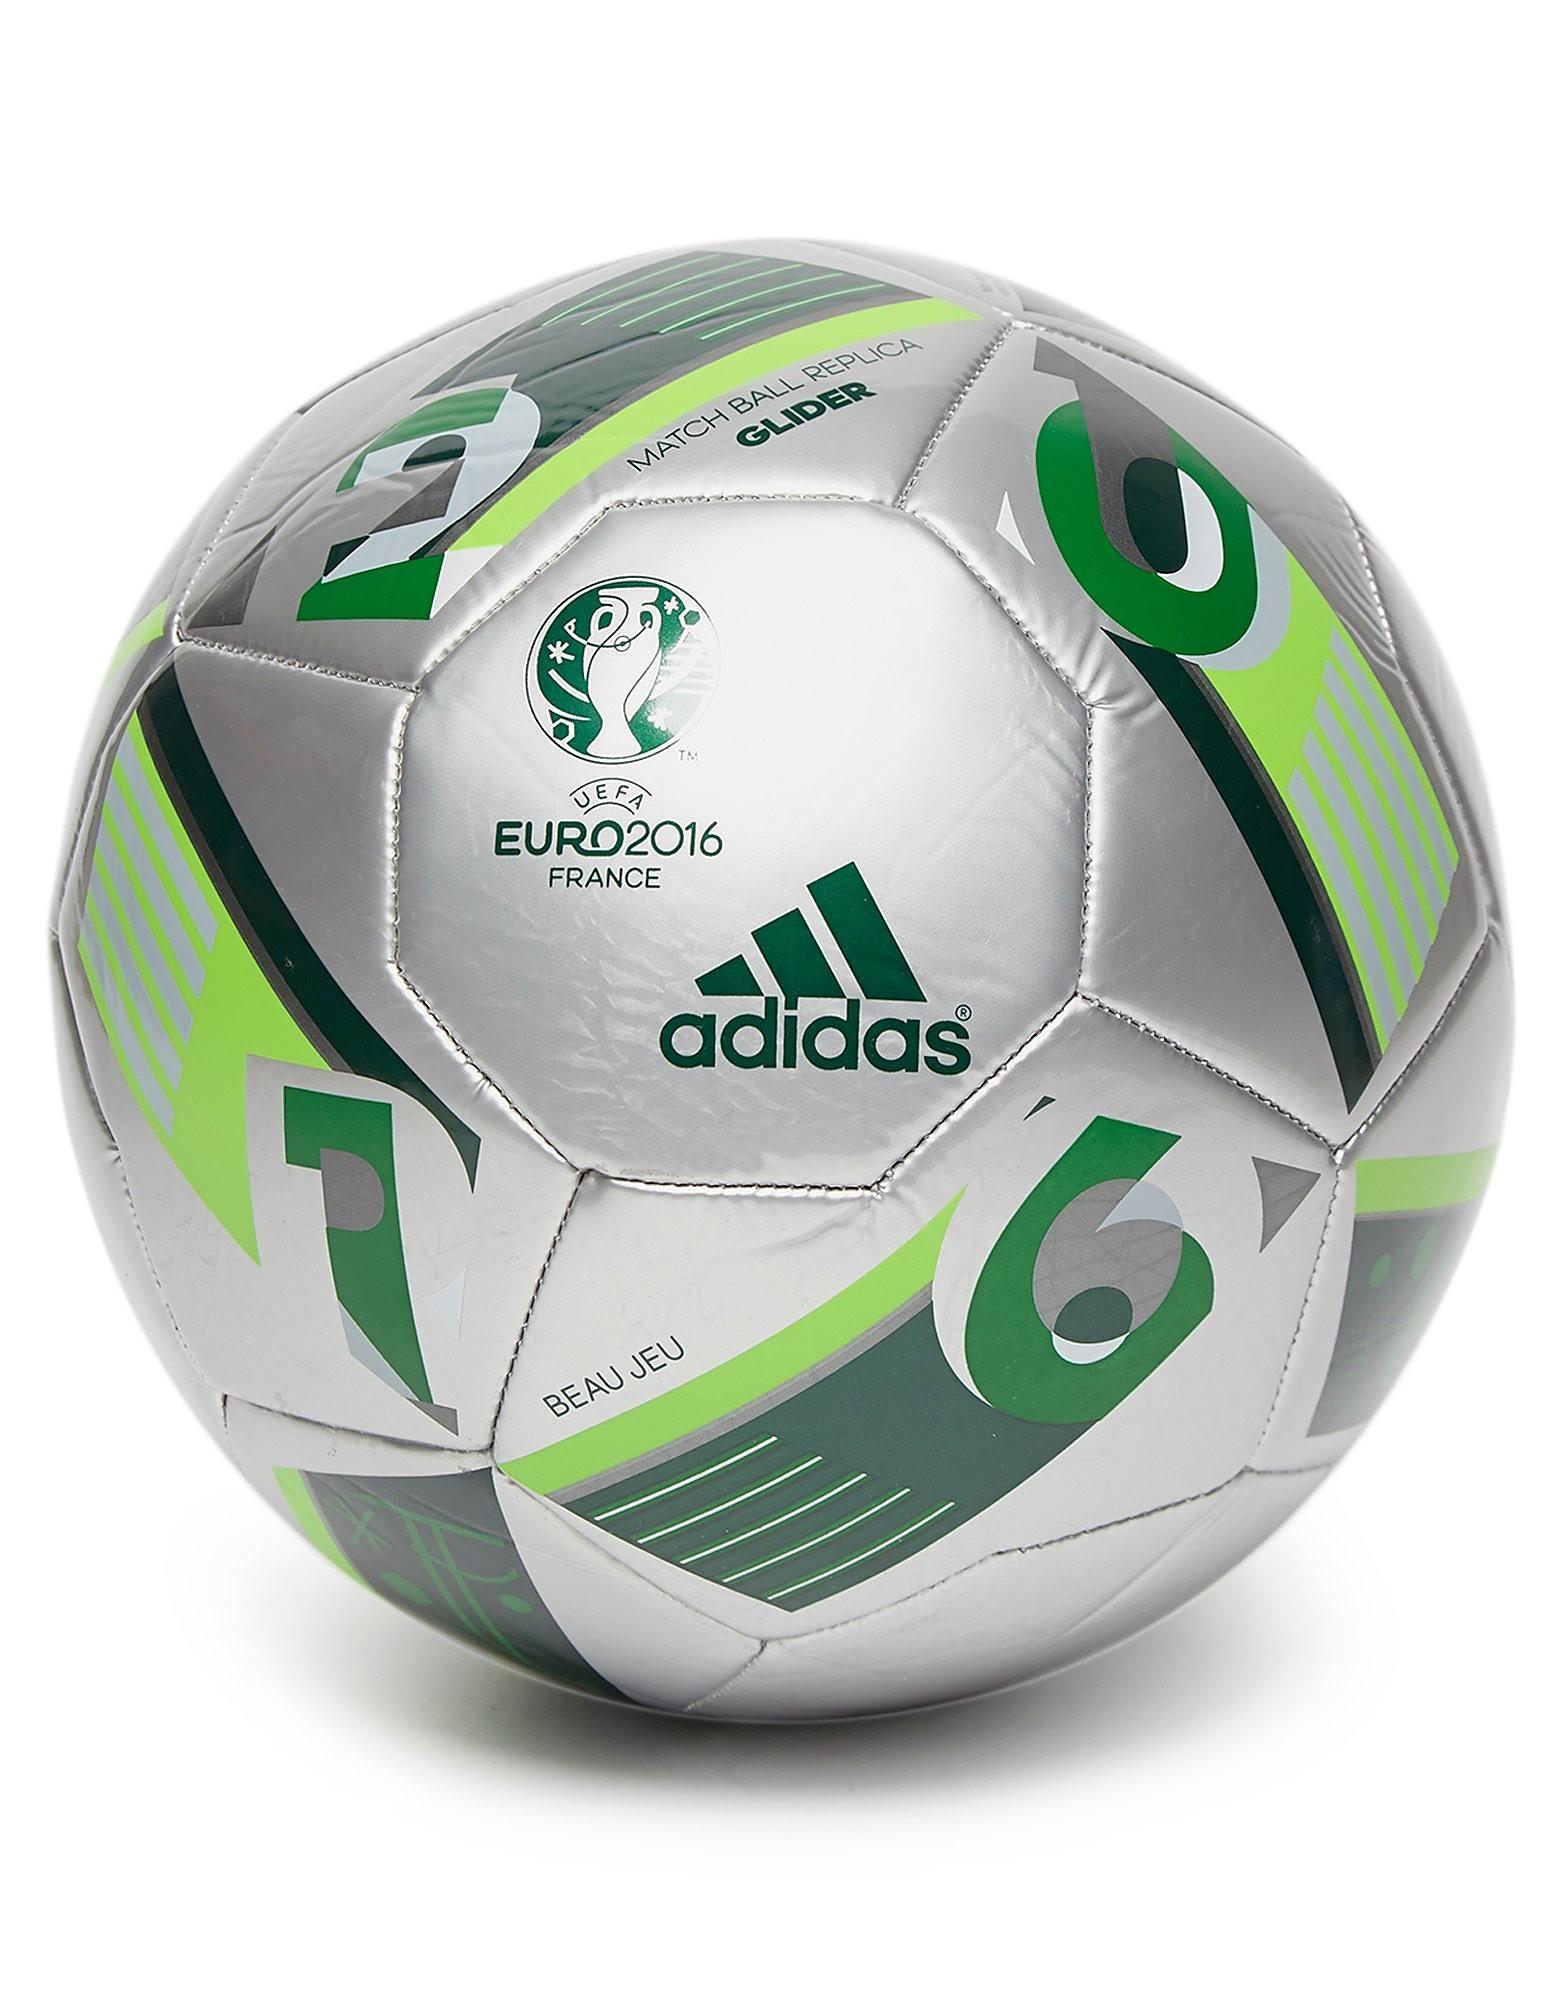 adidas Ballon de football Glider Euro2016